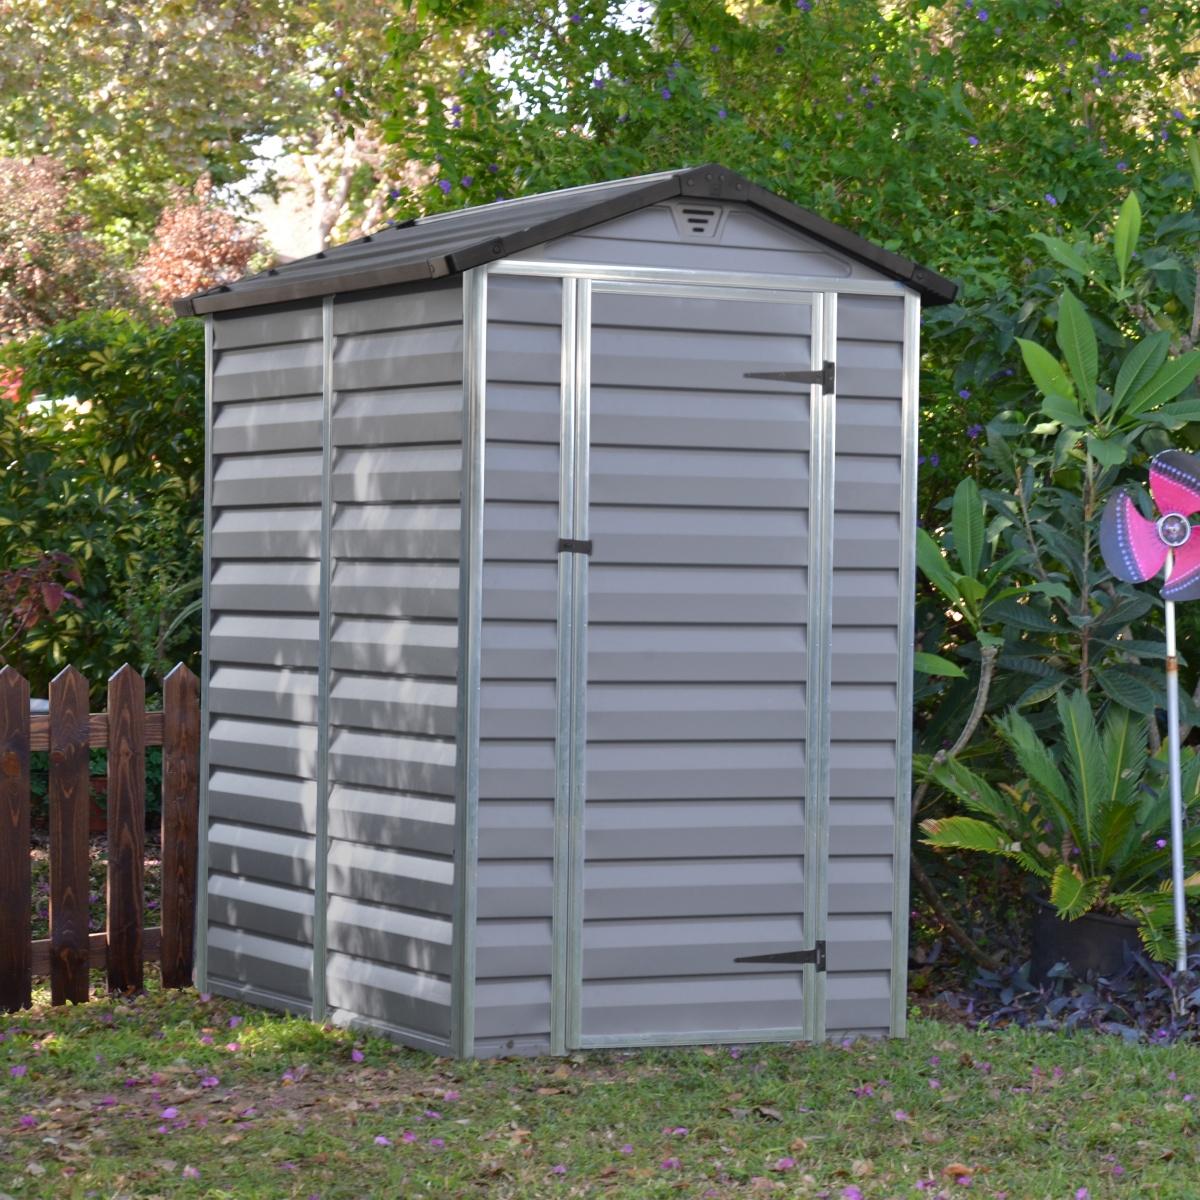 PALRAM SKYLIGHT 4 x 6 ŠEDÝ - zahradní domek